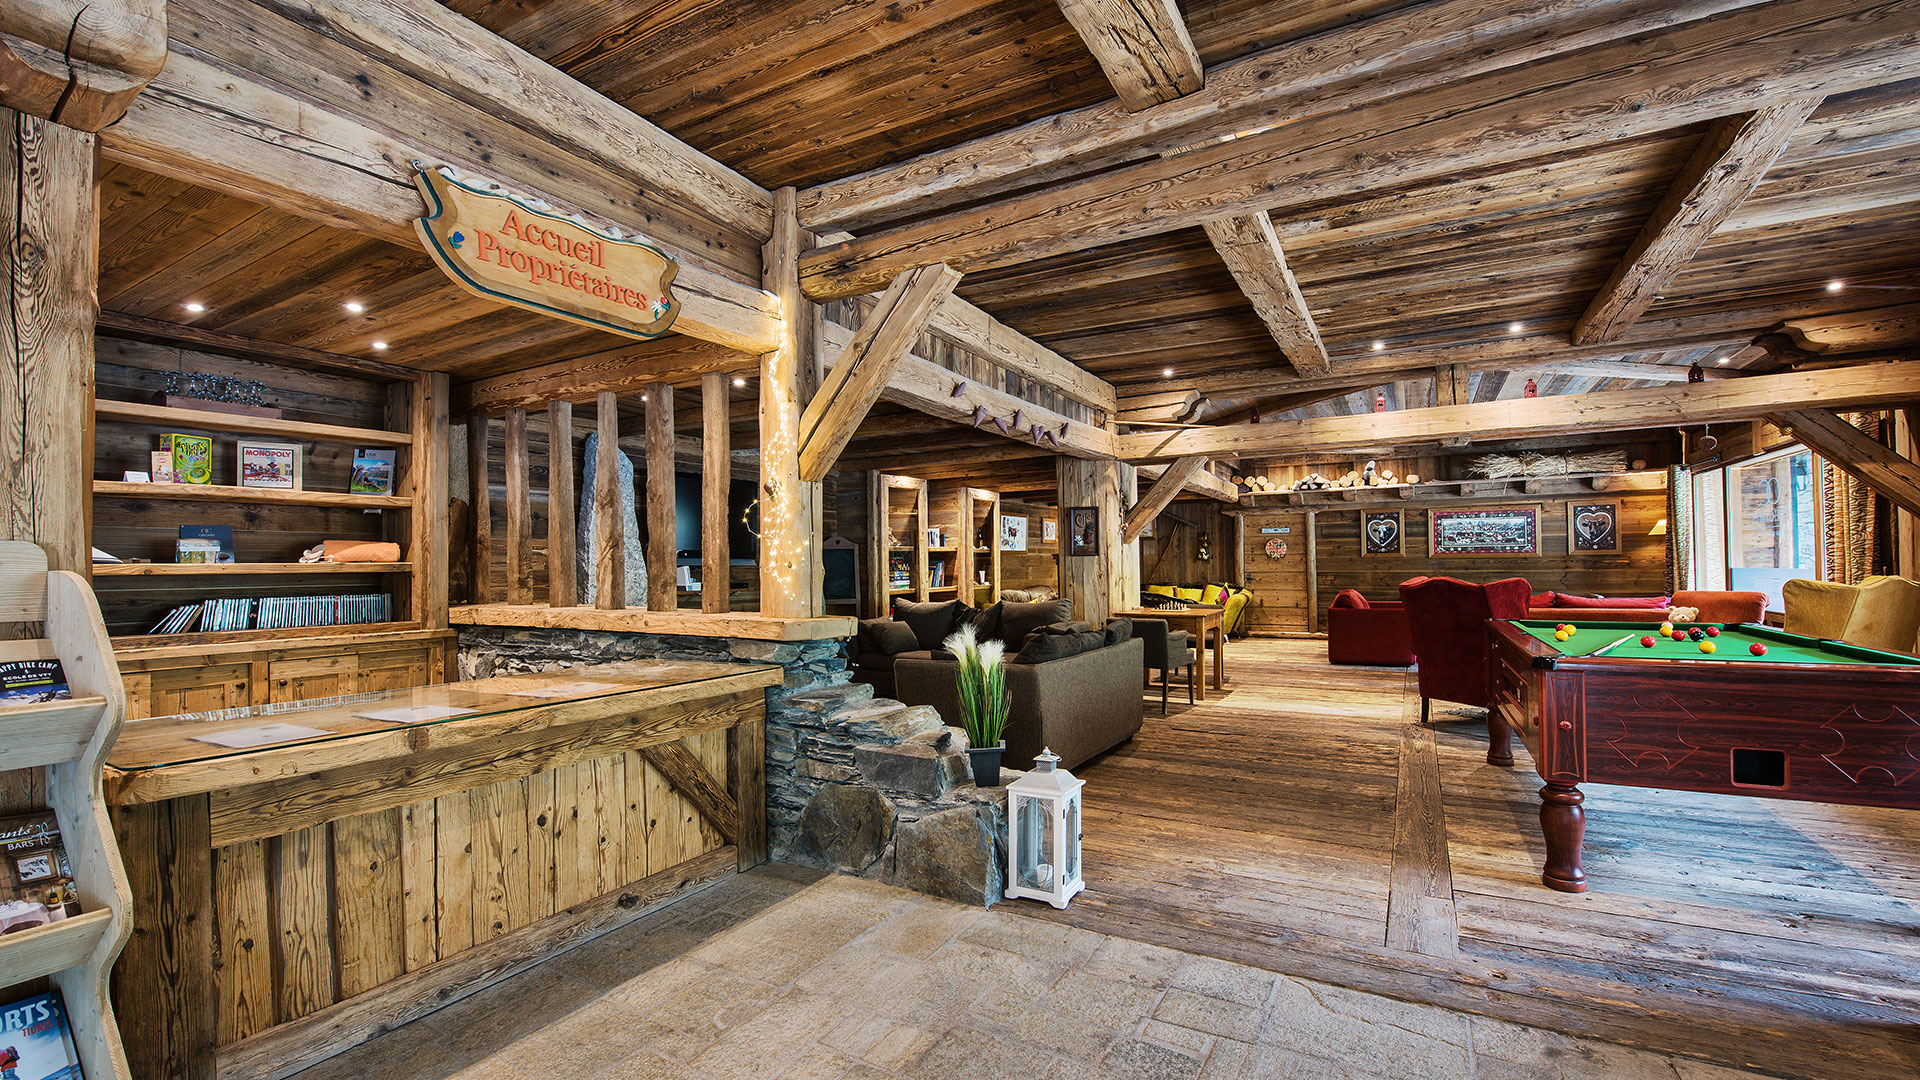 Réception, La Ferme du Val Claret - CGH Résidences